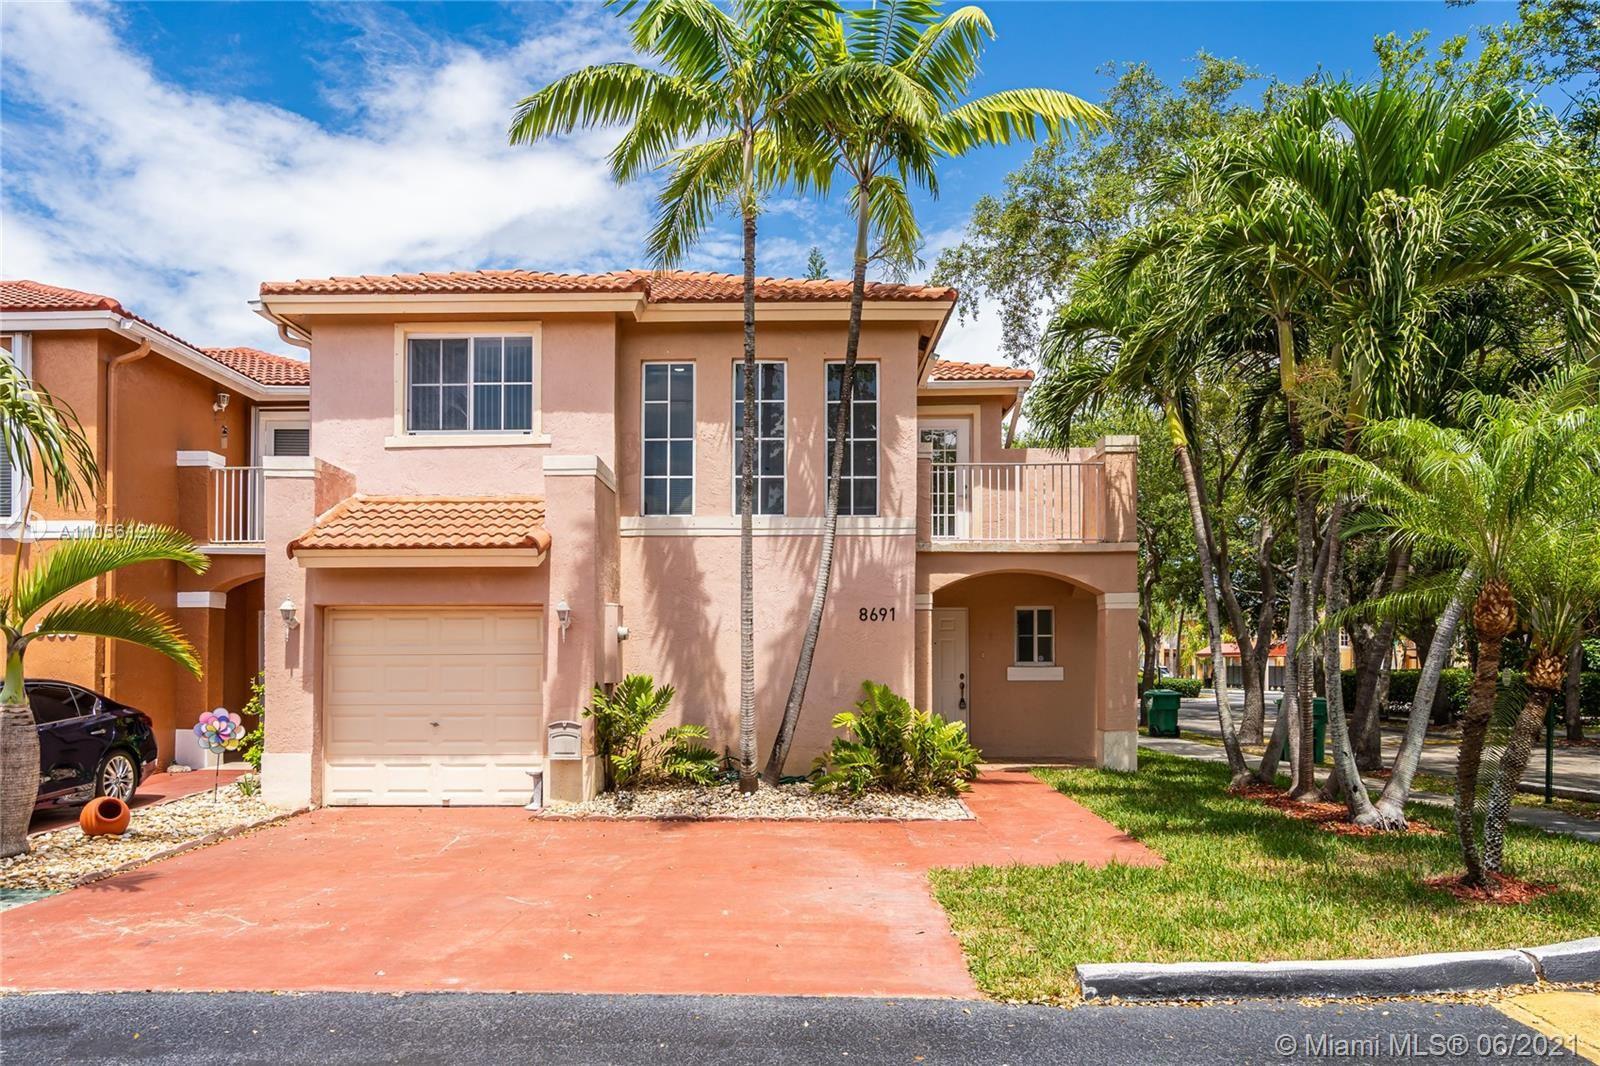 8691 SW 159th PL, Miami, FL 33193 - #: A11056121